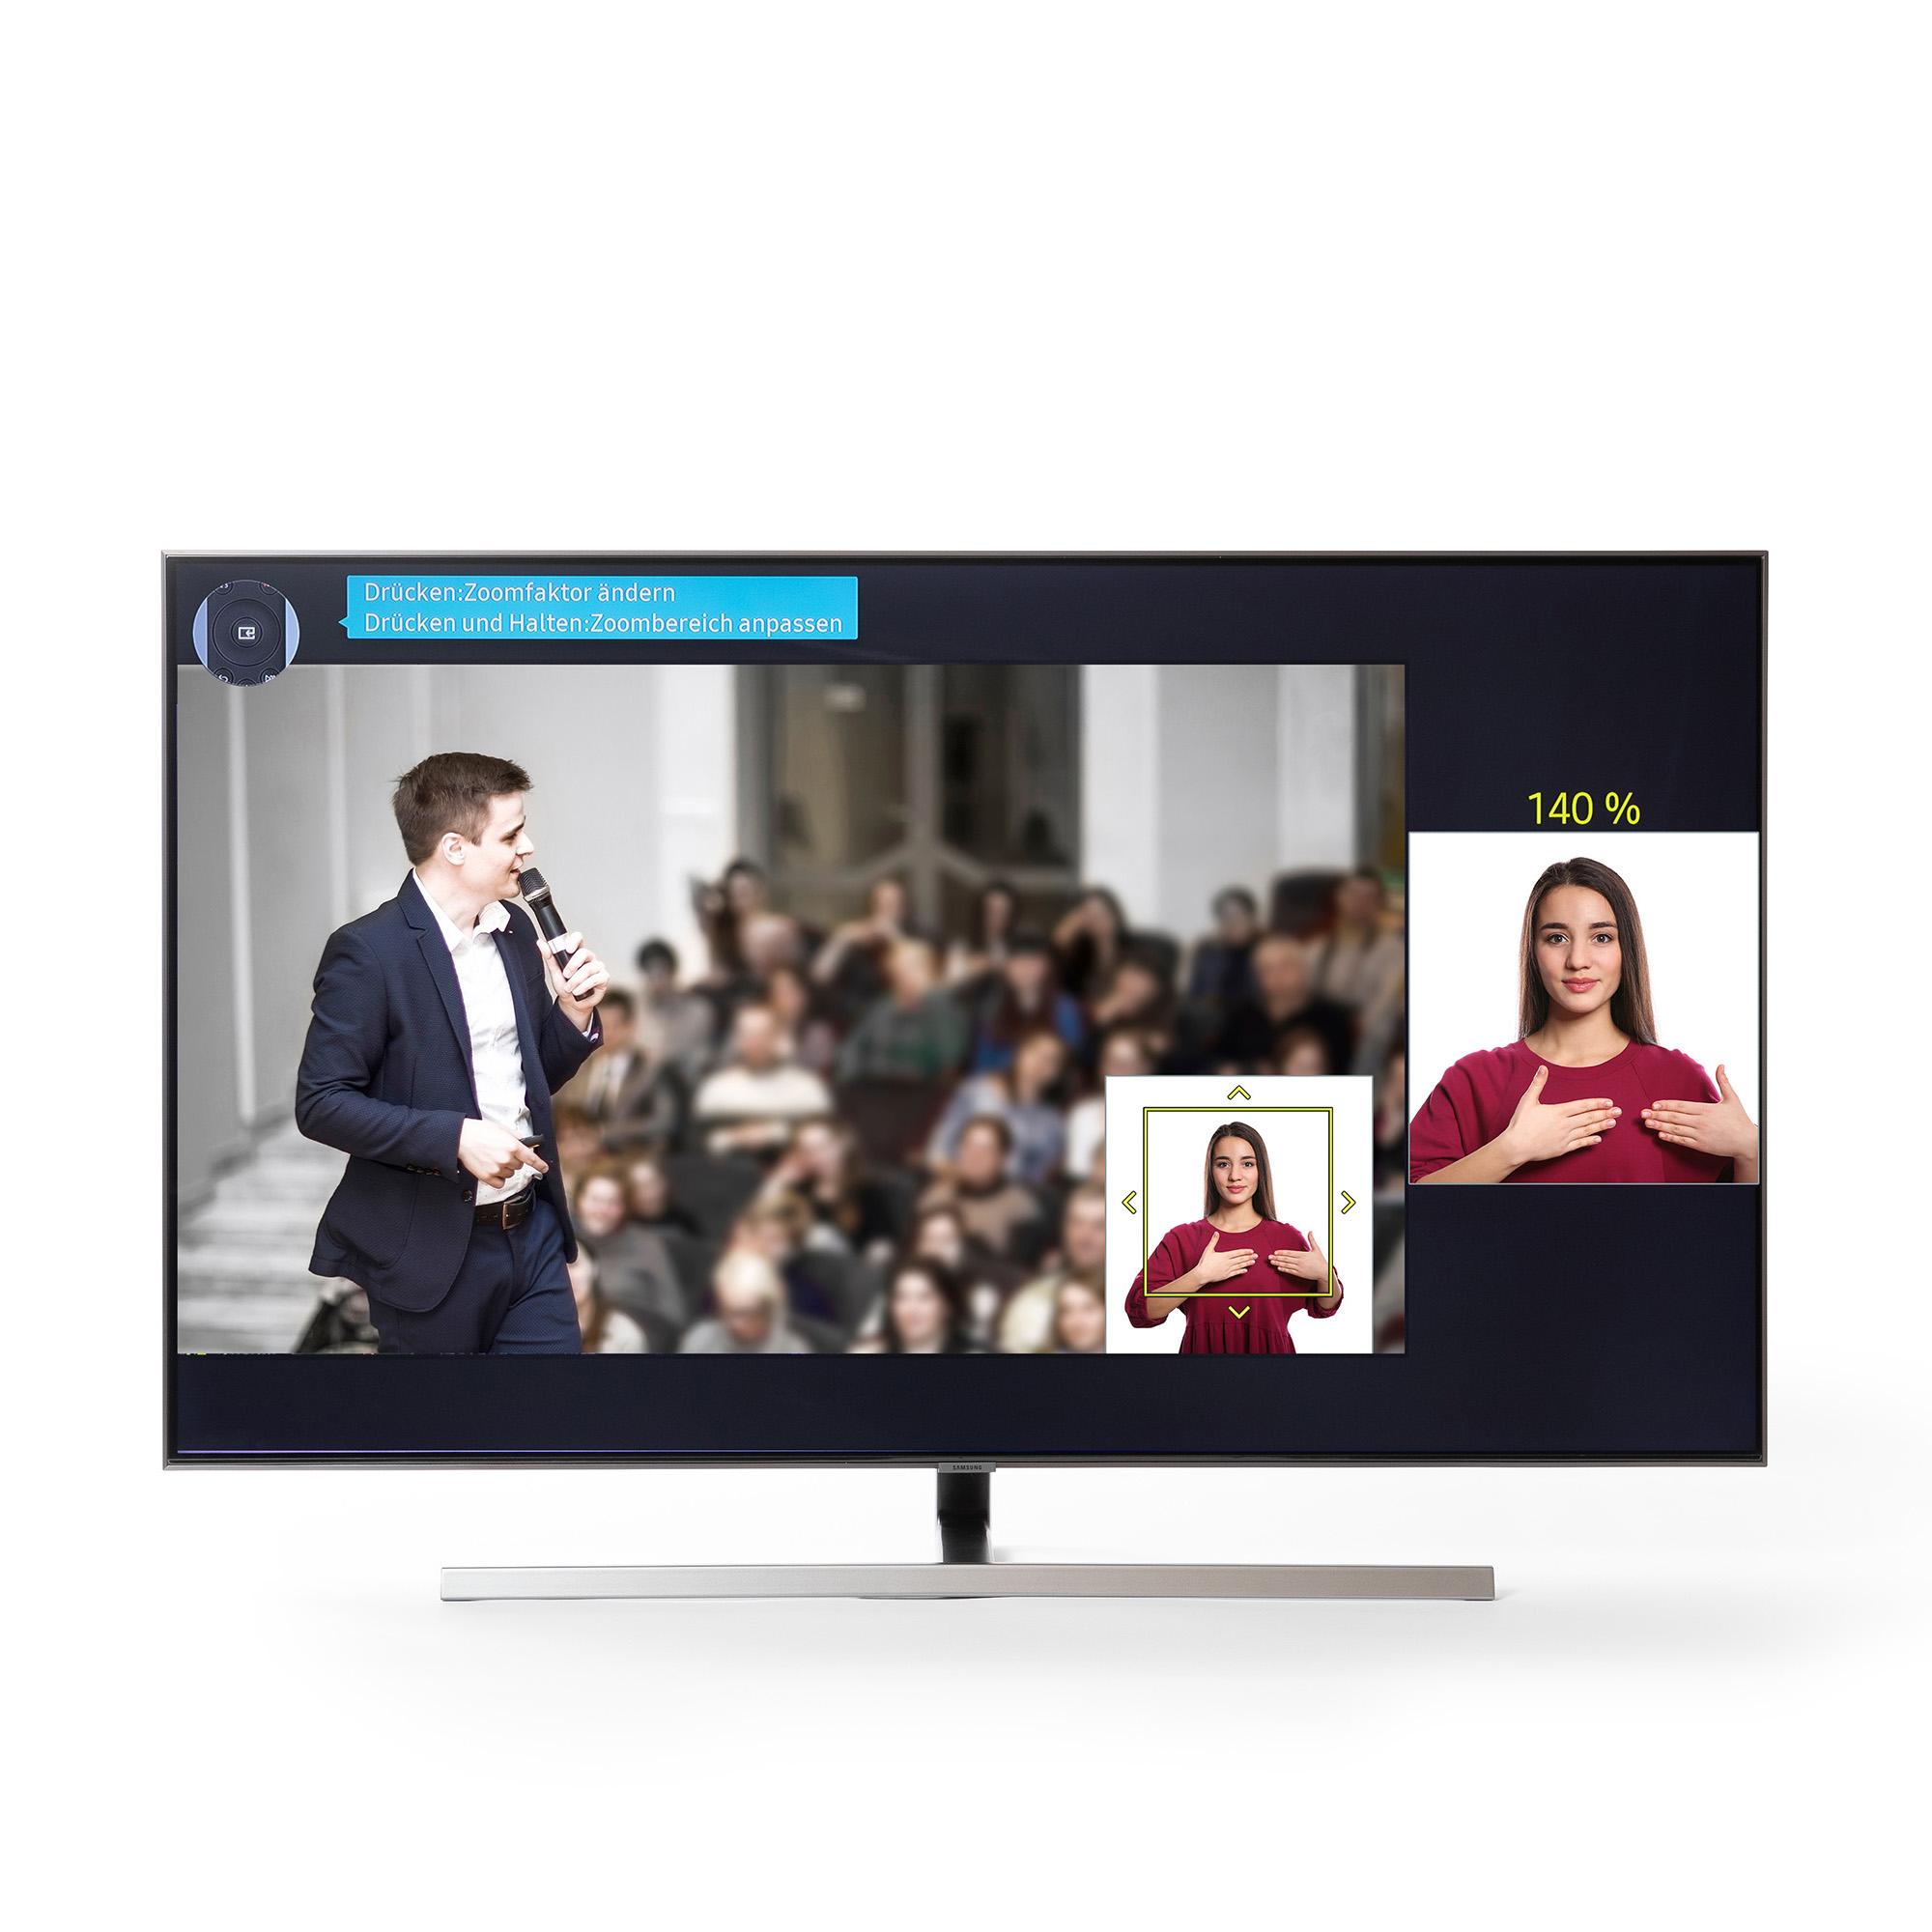 Wir Wollen Fernsehen Für Alle Möglich Machen Samsung über Smarte